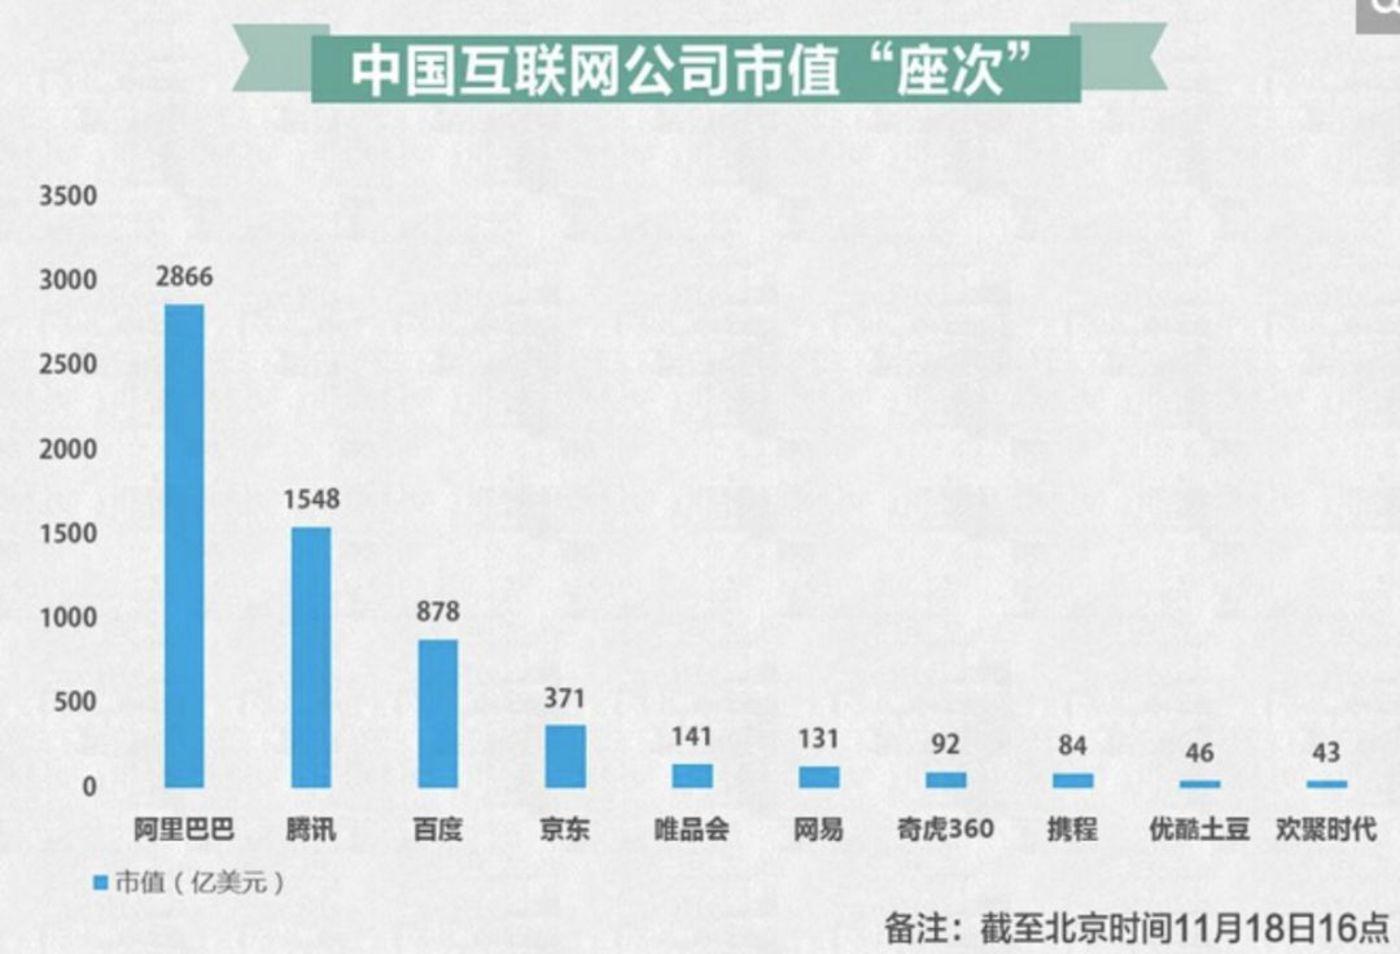 2014 年中国互联网公司市值排行